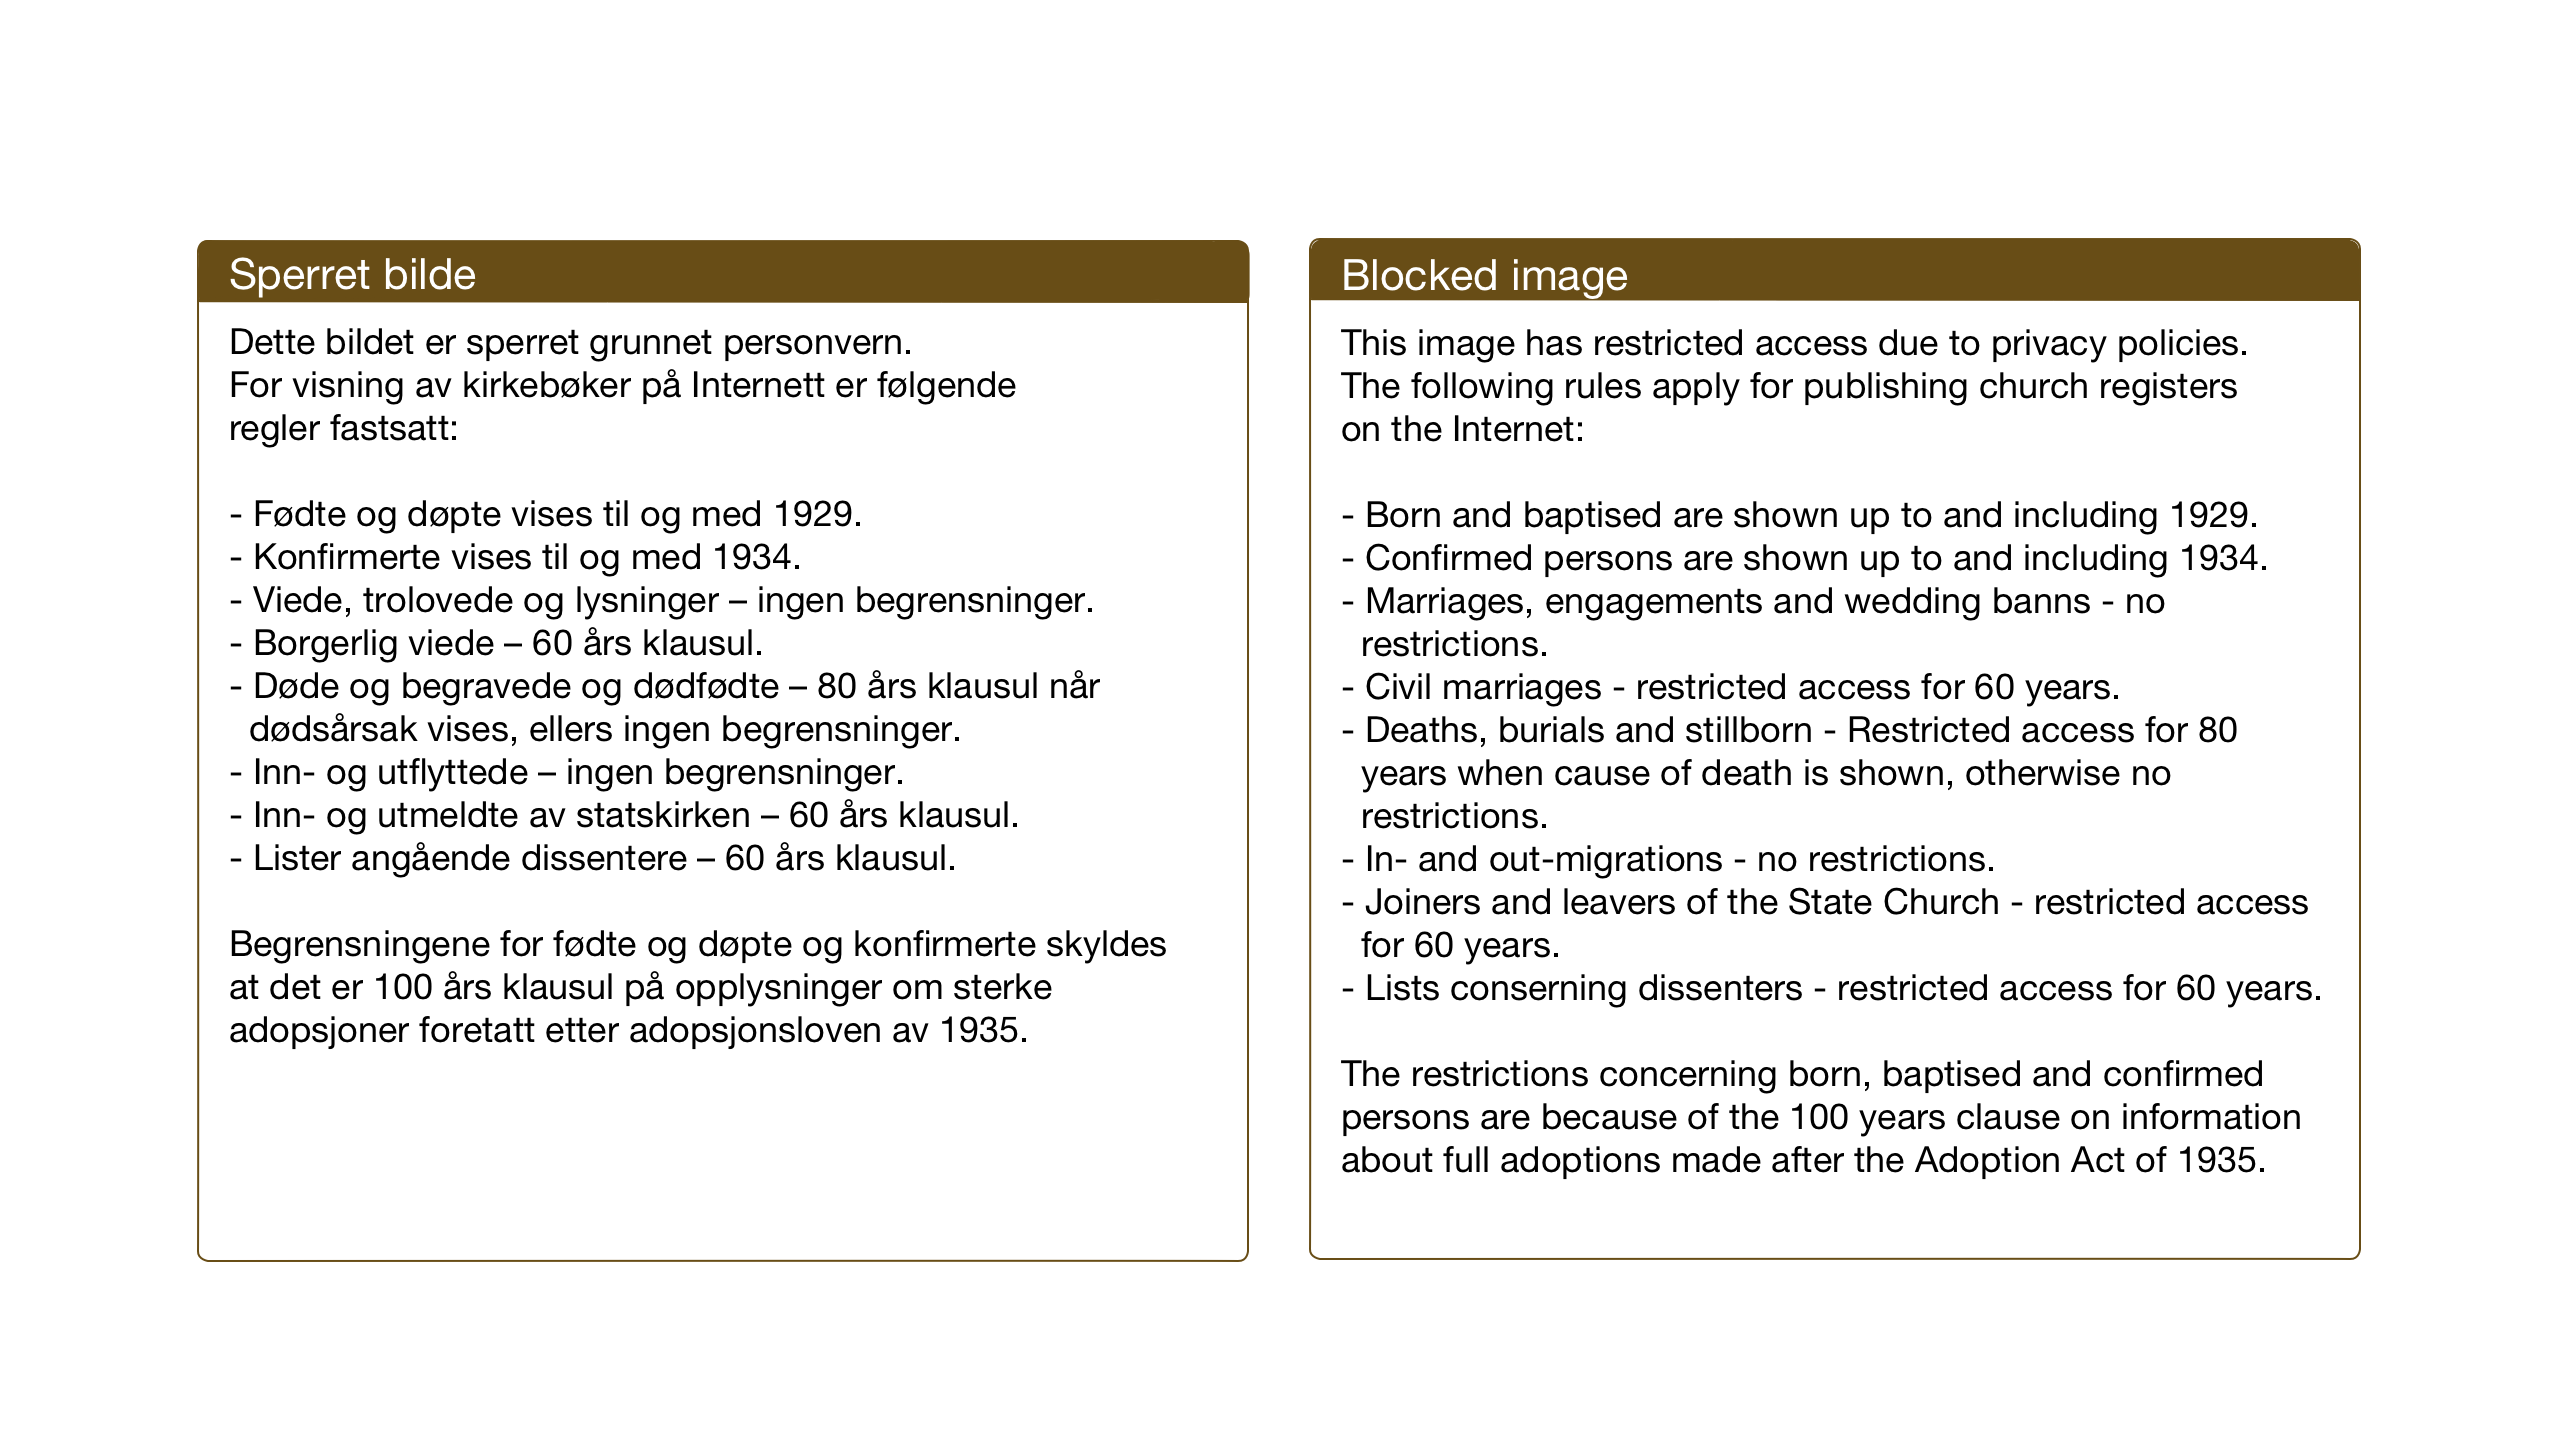 SAT, Ministerialprotokoller, klokkerbøker og fødselsregistre - Sør-Trøndelag, 662/L0758: Klokkerbok nr. 662C03, 1918-1948, s. 79